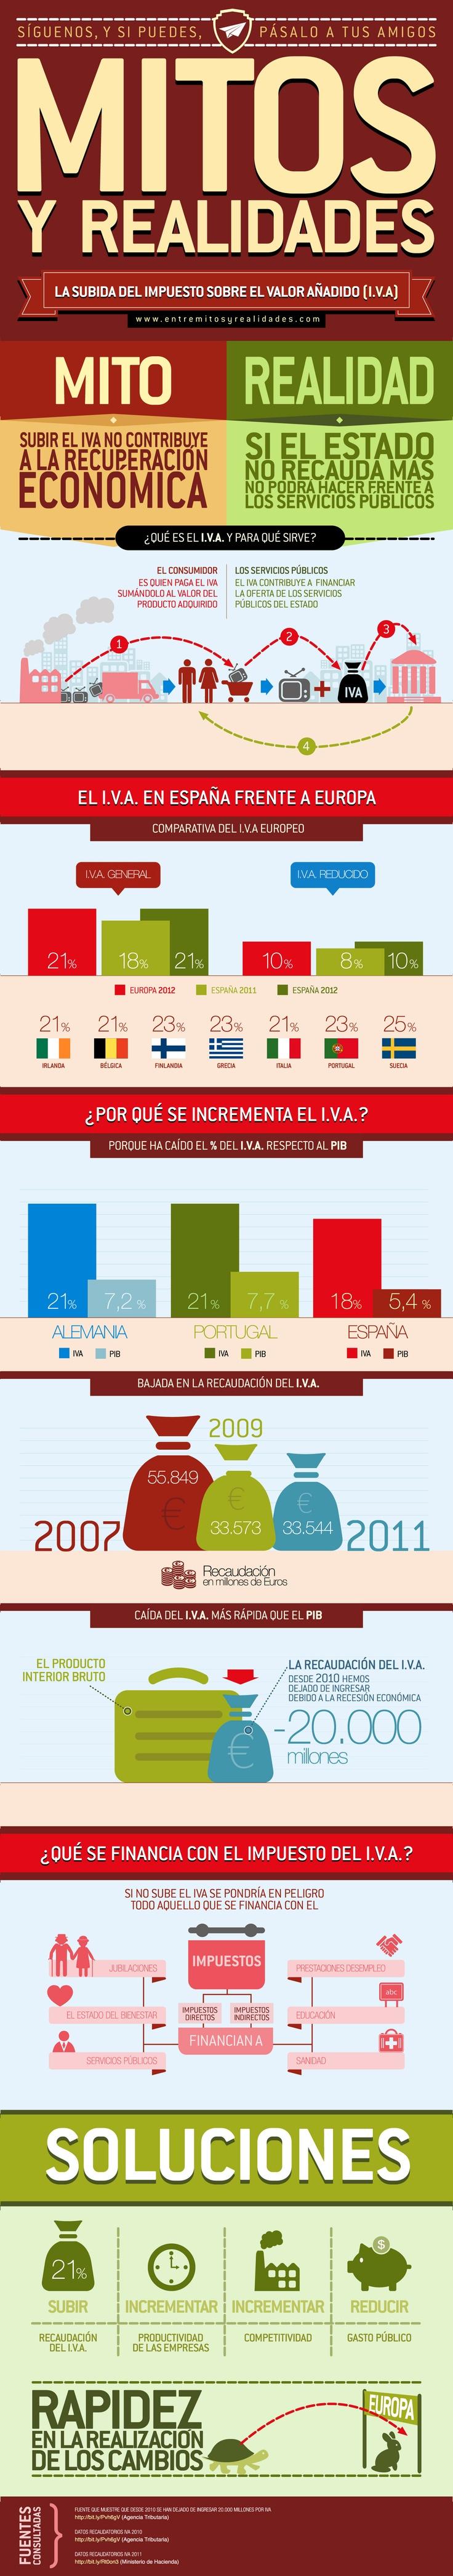 Hoy intentamos entender por qué el Gobierno de Mariano Rajoy ha subido el IVA cuando se prometió lo contrario.